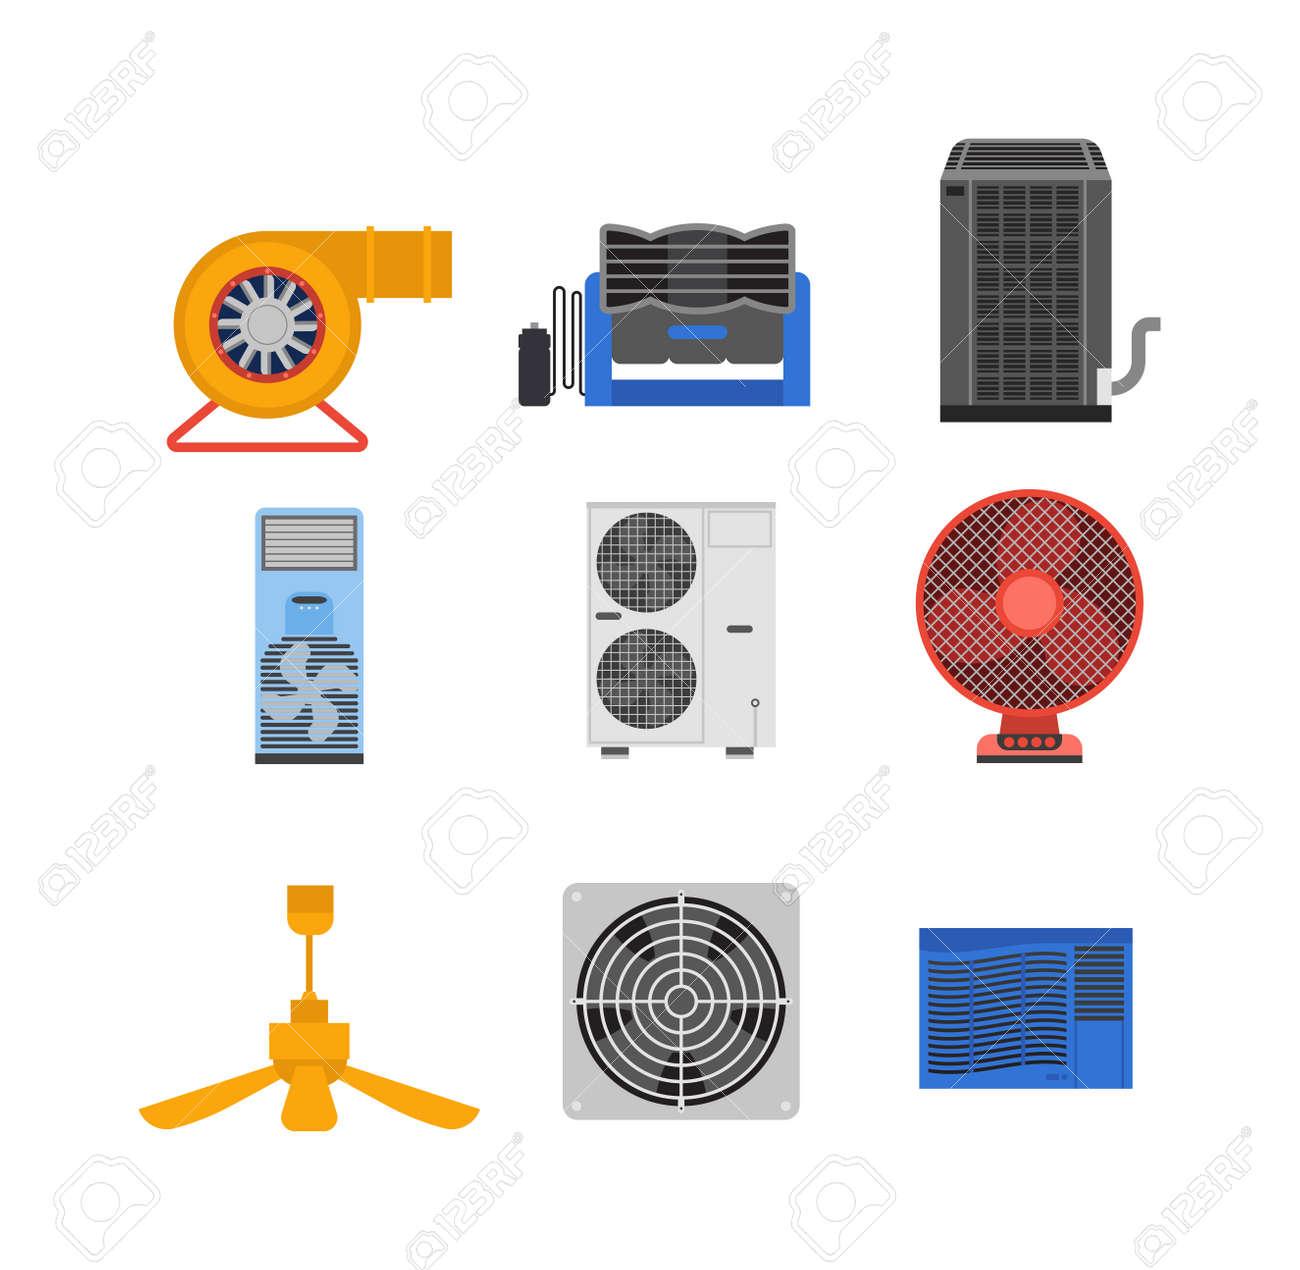 Klimaanlage Auf Gebäude Montiert. Ausstattung Des Hauses Kalt ...